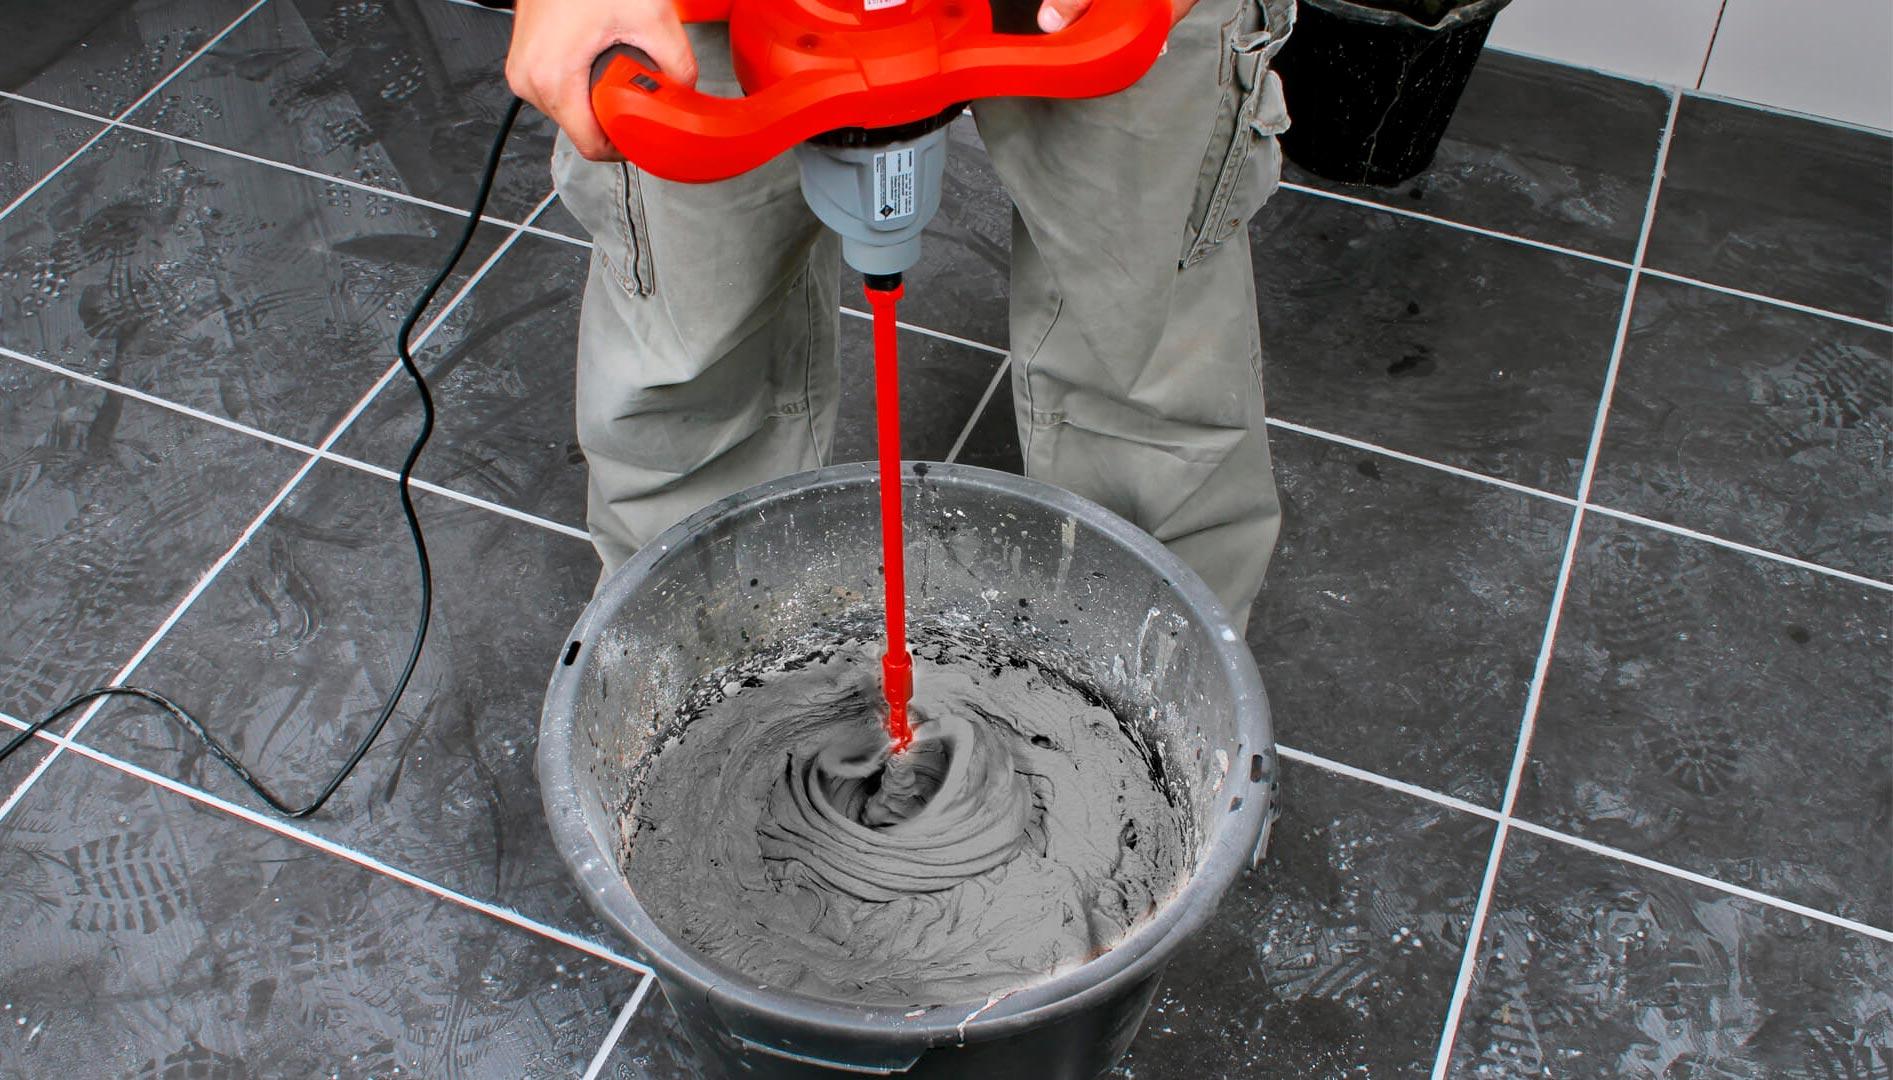 Приготовление цементного раствора строительного альфа бетон в москве